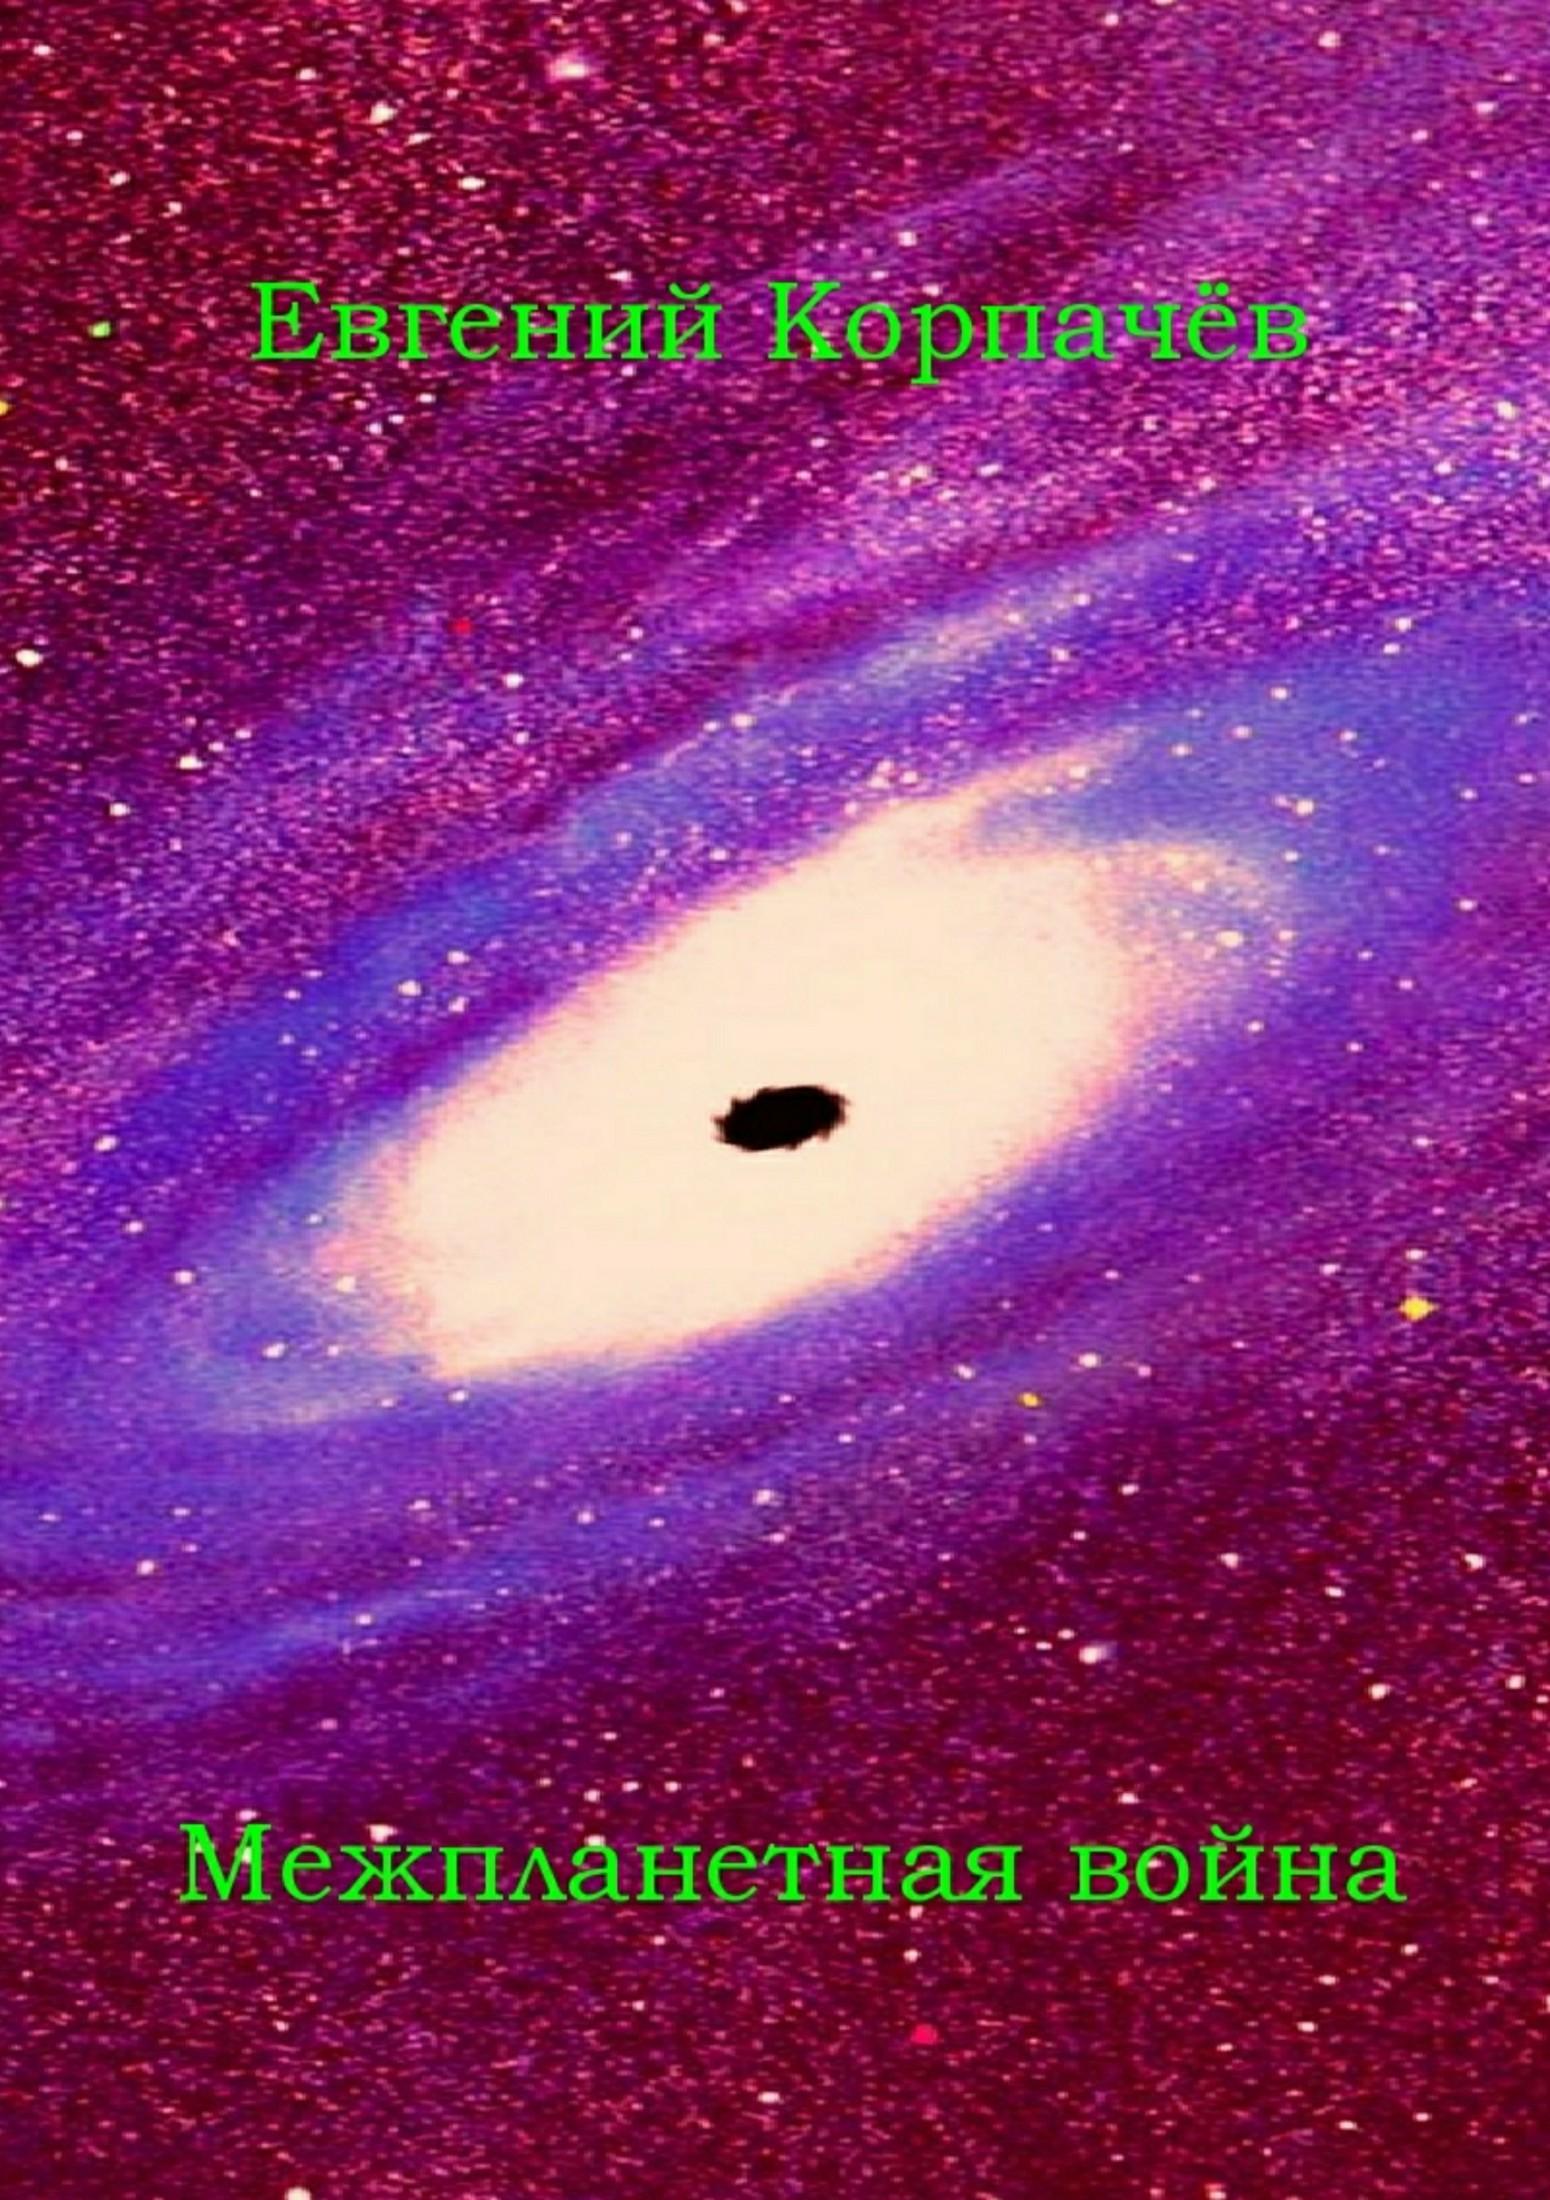 Евгений Николаевич Корпачёв Межпланетная война строение солнечной системы плакат